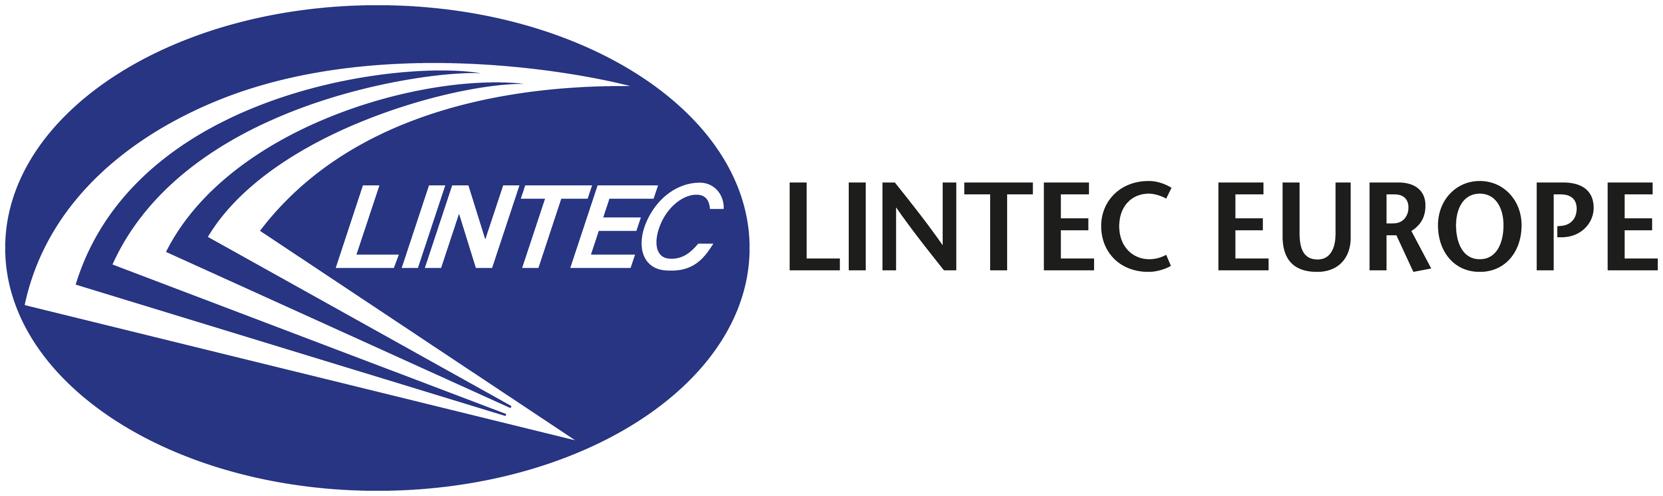 Lintec Logo